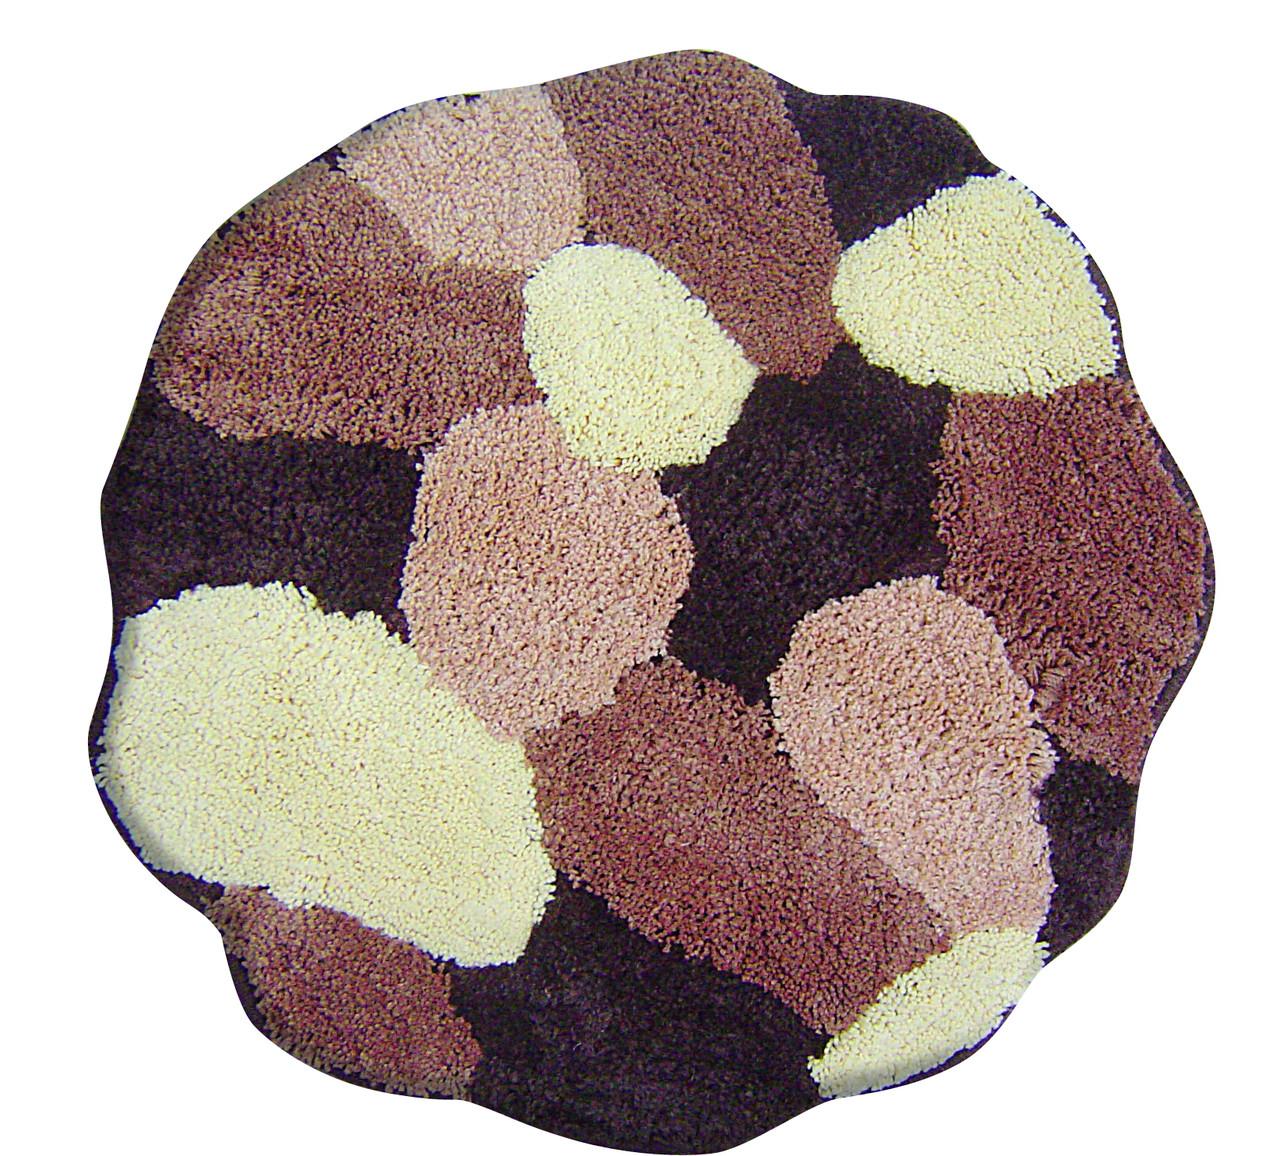 Коврик для ванной комнаты из микрофибры Ø60 круглый коричневые камни AWD02160915